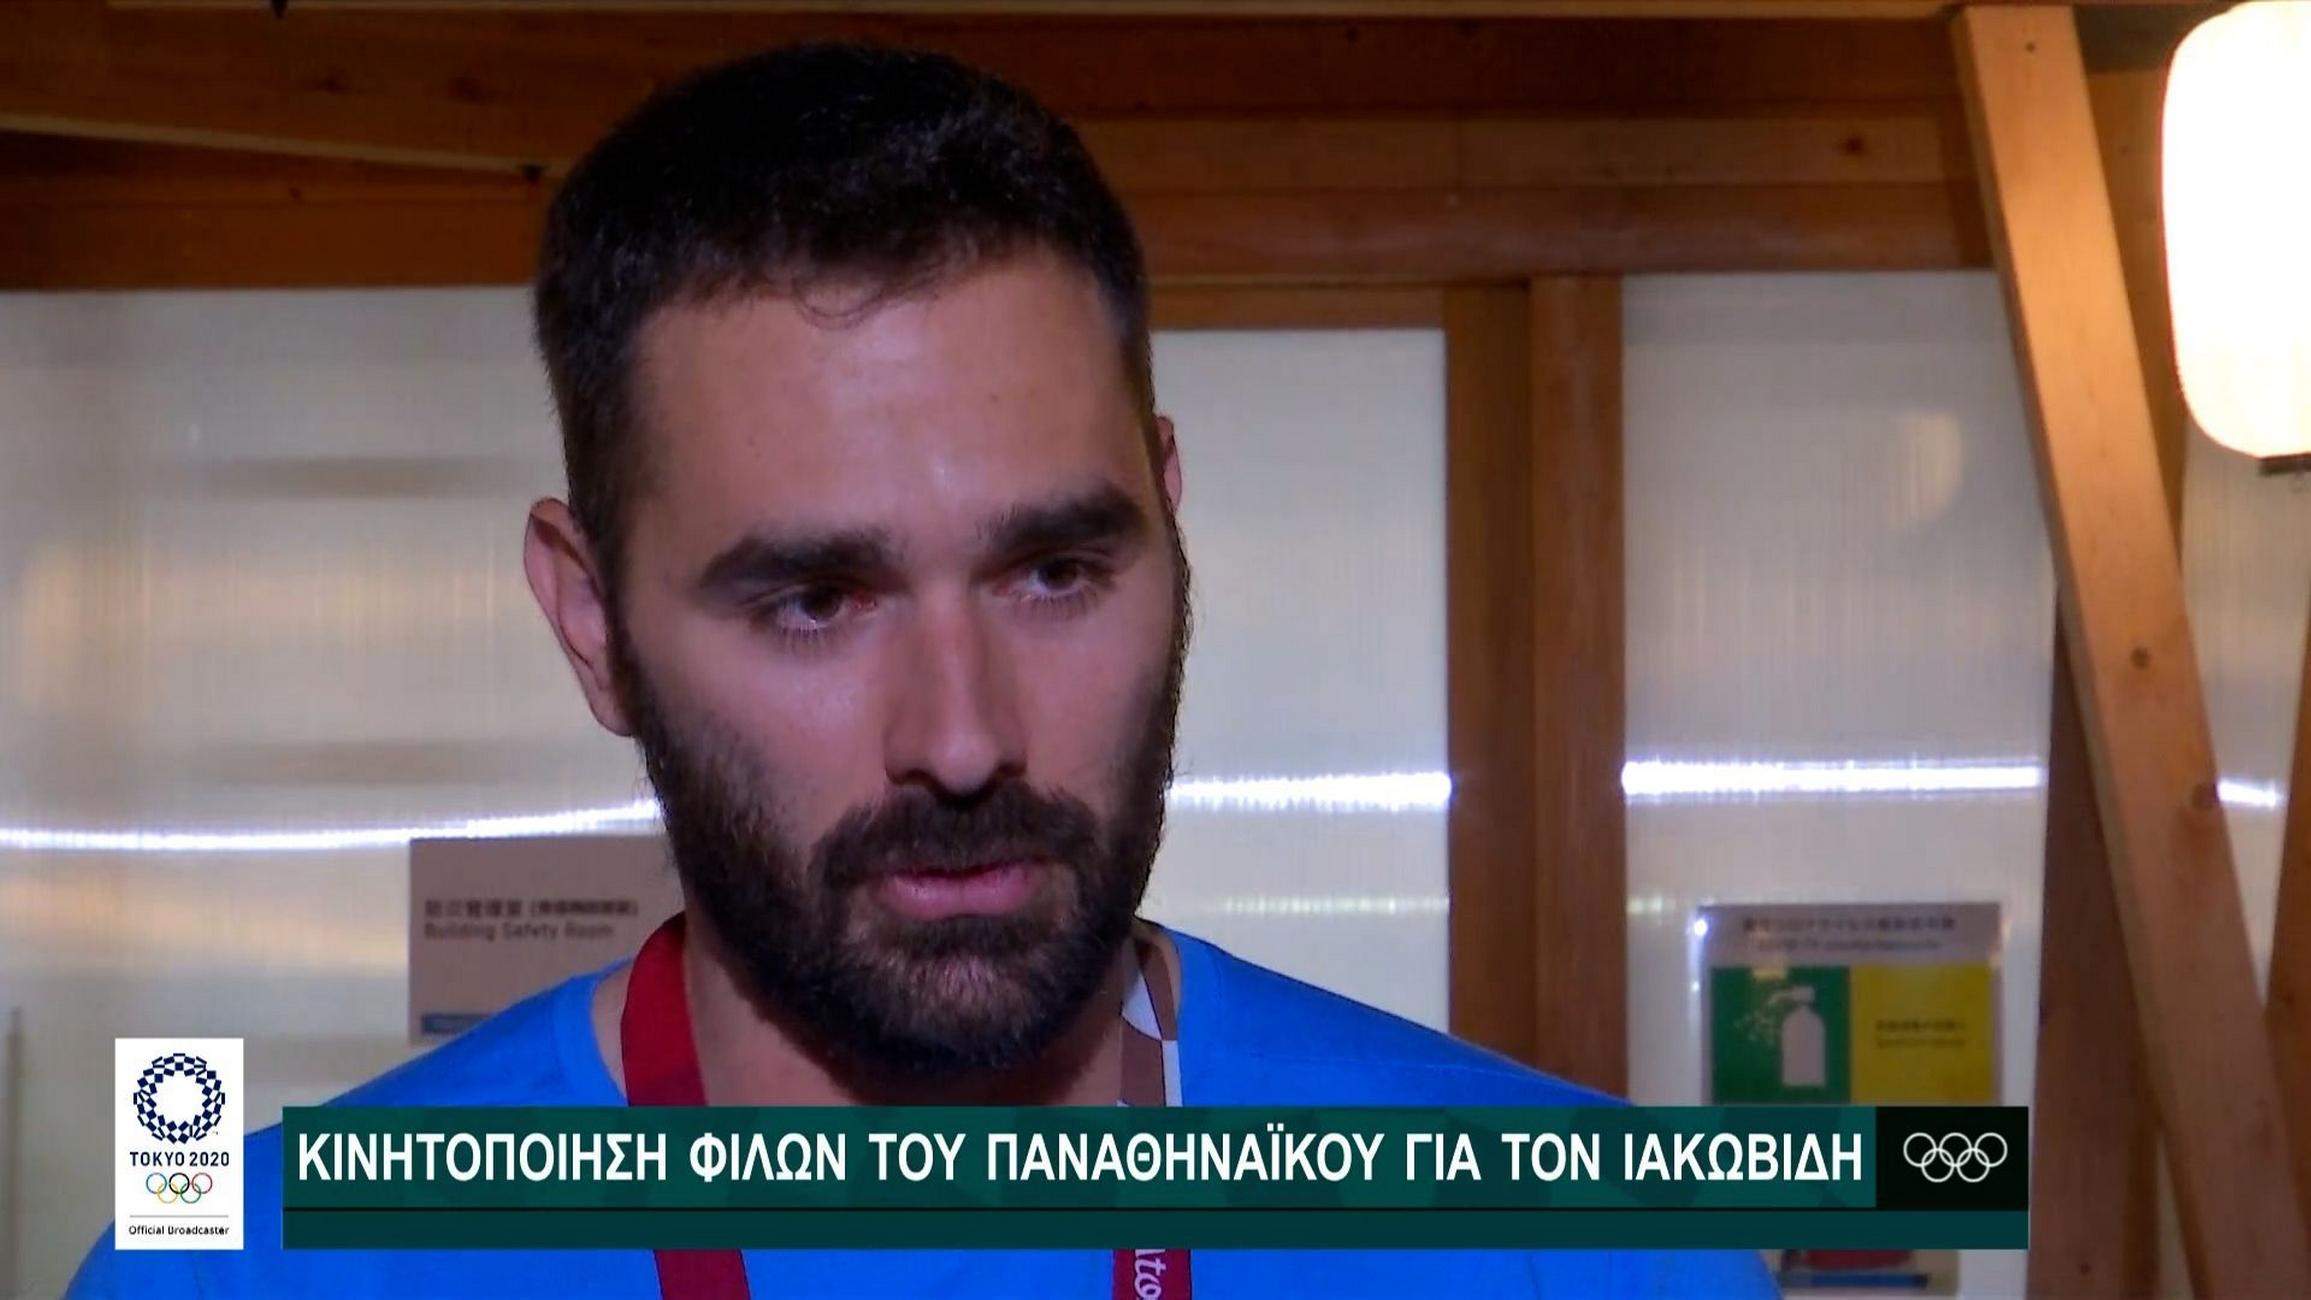 Ολυμπιακοί Αγώνες – Ιακωβίδης: «Οι οπαδοί έδειξαν τι σημαίνει να είσαι Παναθηναϊκός»